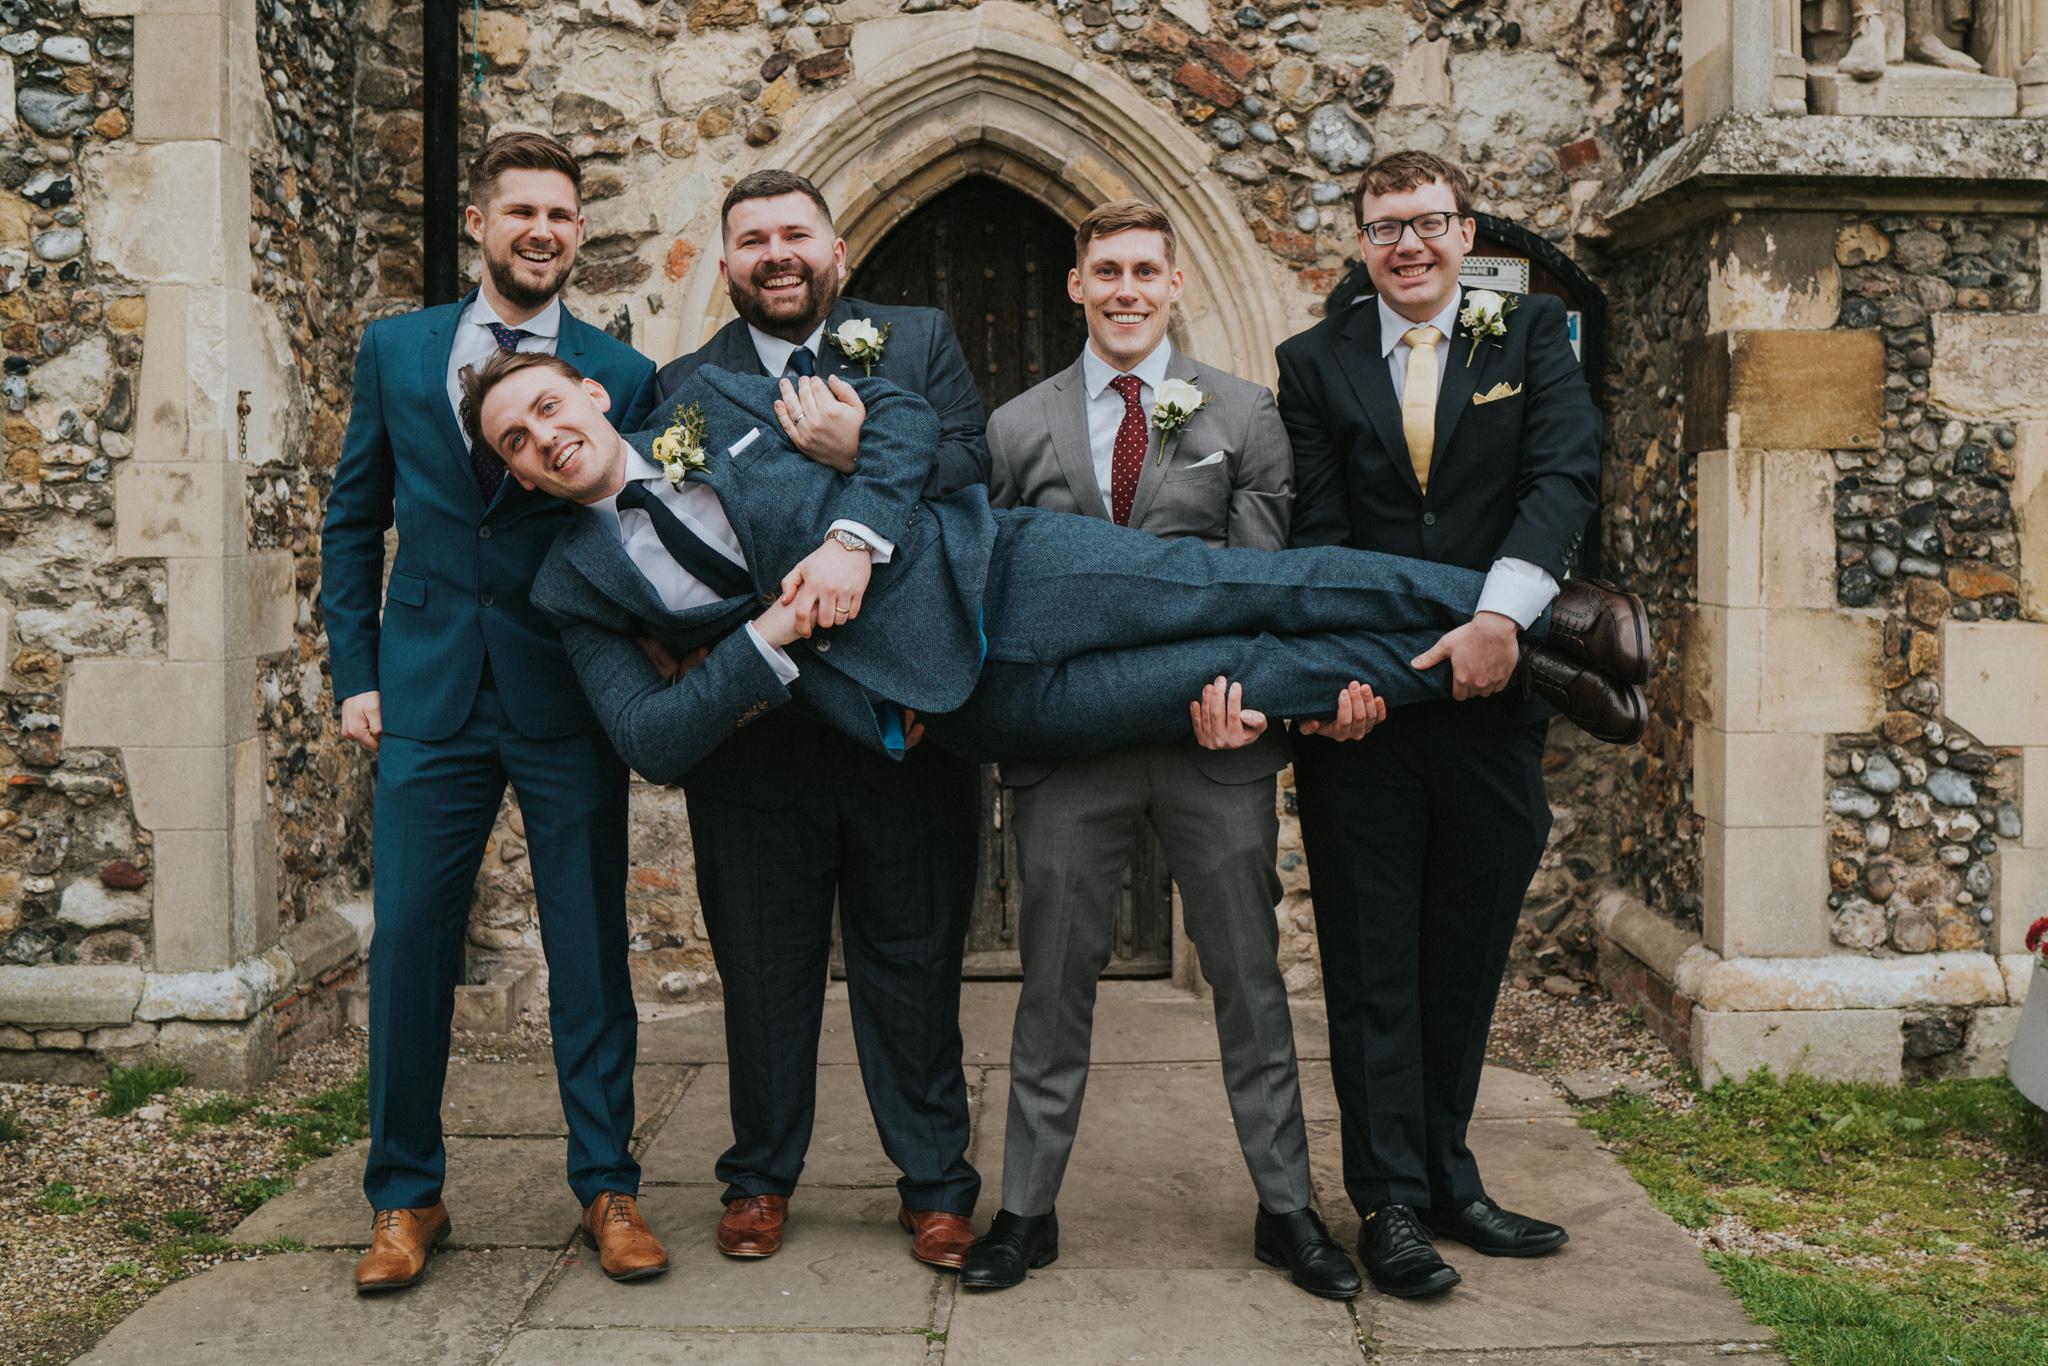 anne-charlie-maldon-all-saints-church-wedding-intimate-wedding-grace-elizabeth-colchester-essex-alternative-wedding-lifestyle-photographer-colchester-essex-suffolk-norfolk-devon (11 of 17).jpg